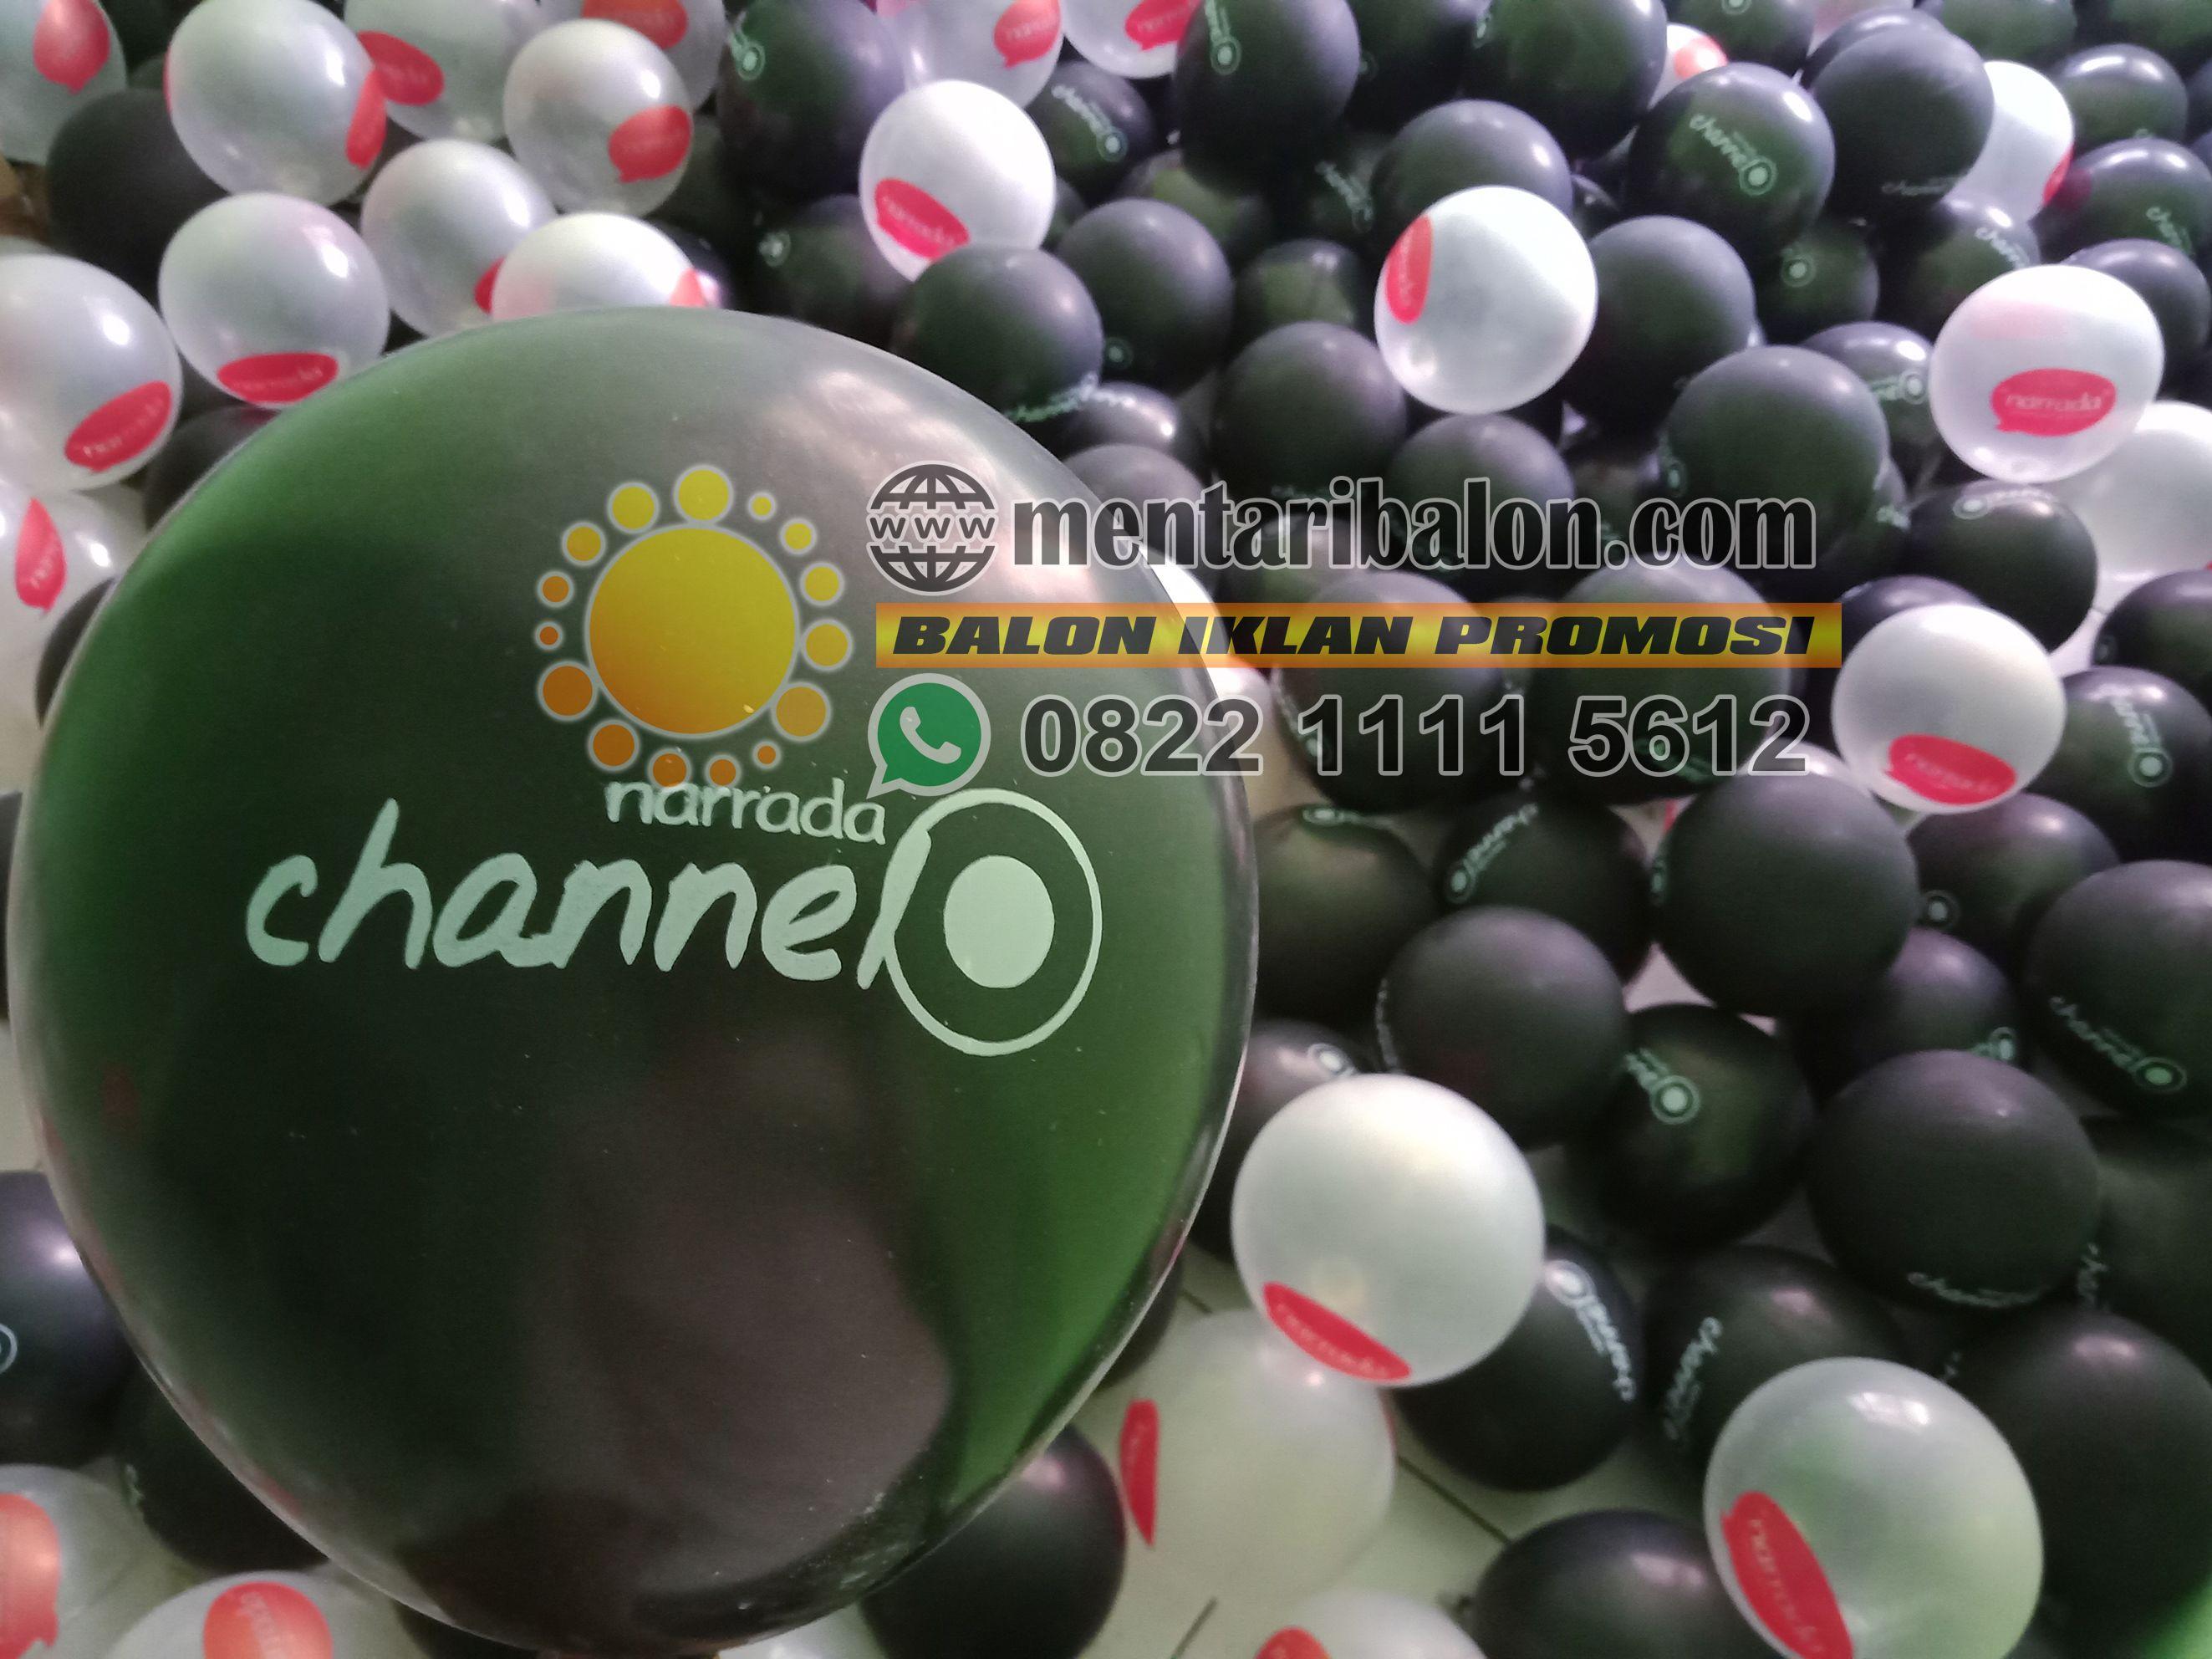 balon sablon narrada chanel